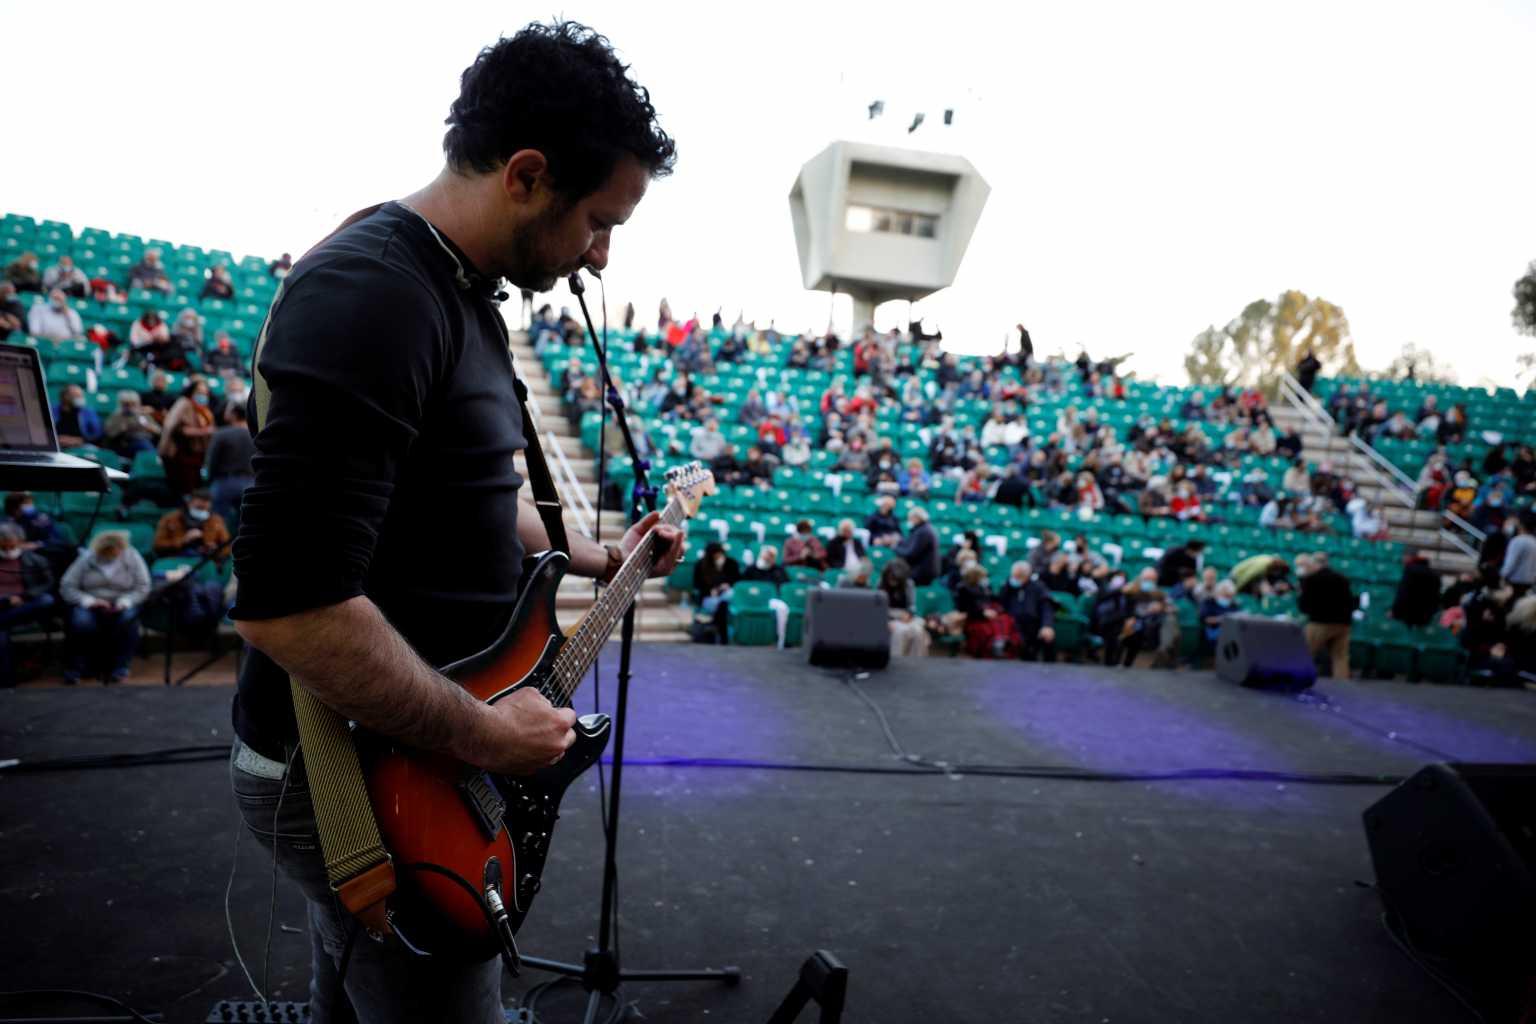 Επιστρέφουμε; Η πρώτη μουσική συναυλία στο Ισραήλ μόνο για εμβολιασμένους